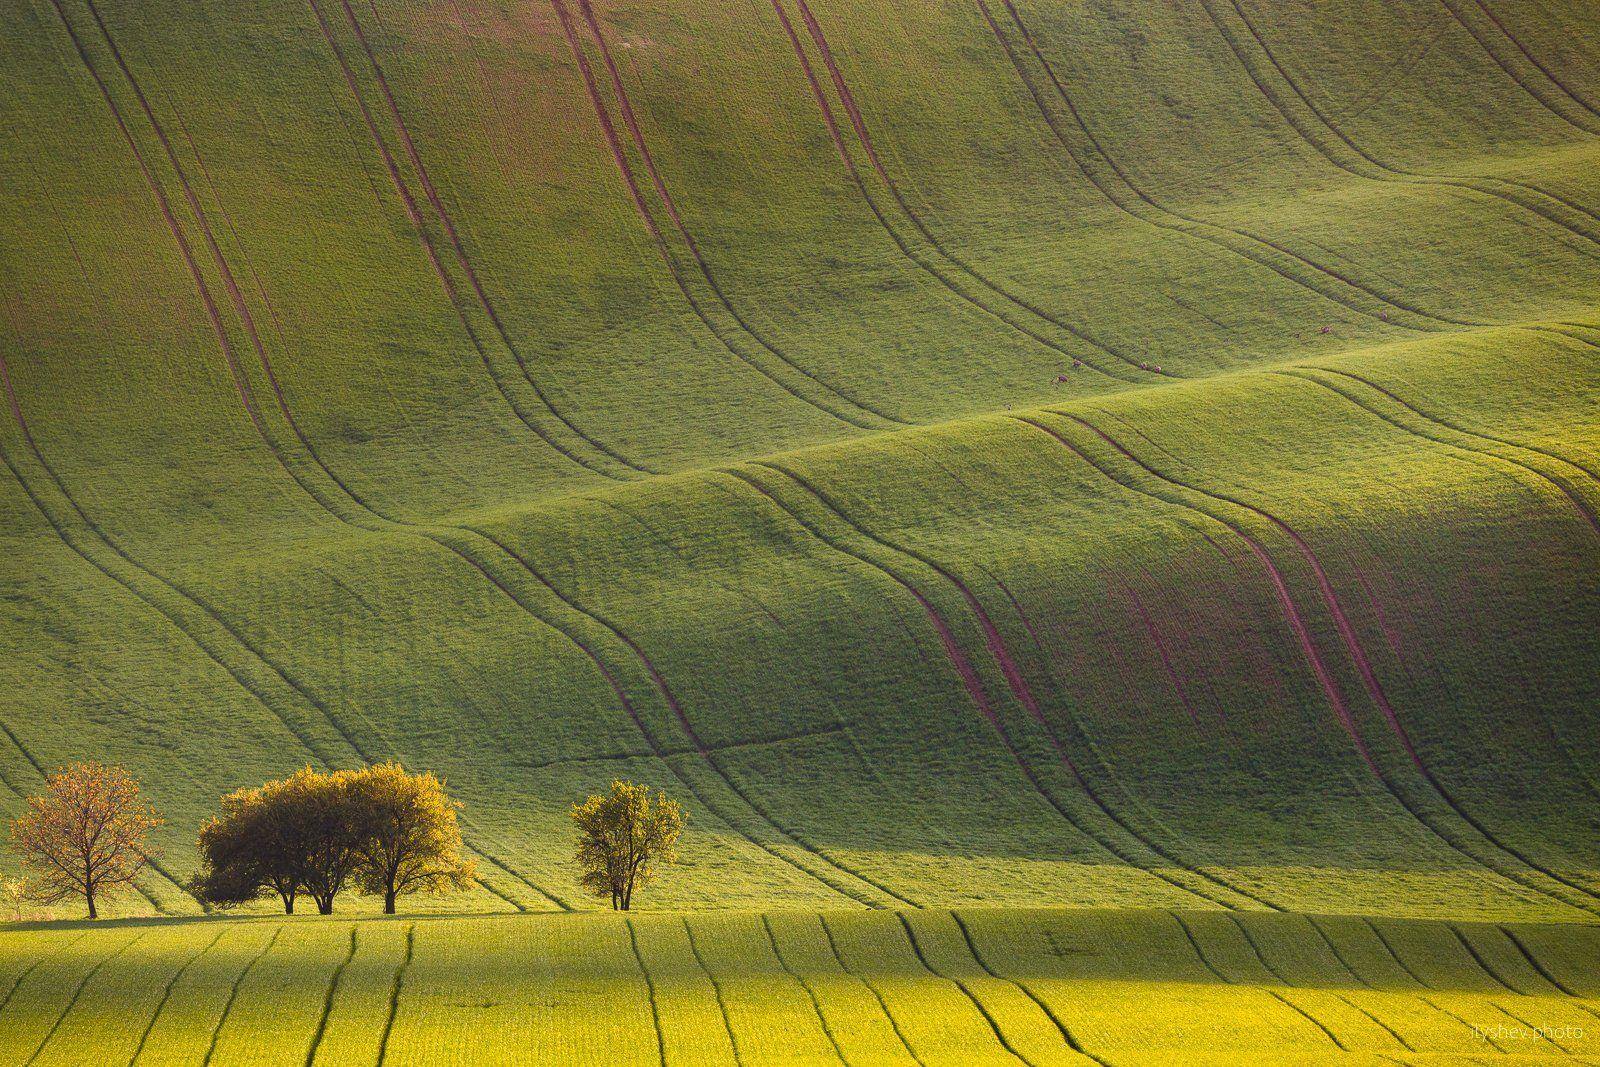 пейзаж, моравия, чехия, поля моравии, южная моравия,природа, деревья, свет, поля, волны, Дмитрий Илышев (ilyshev.photo)